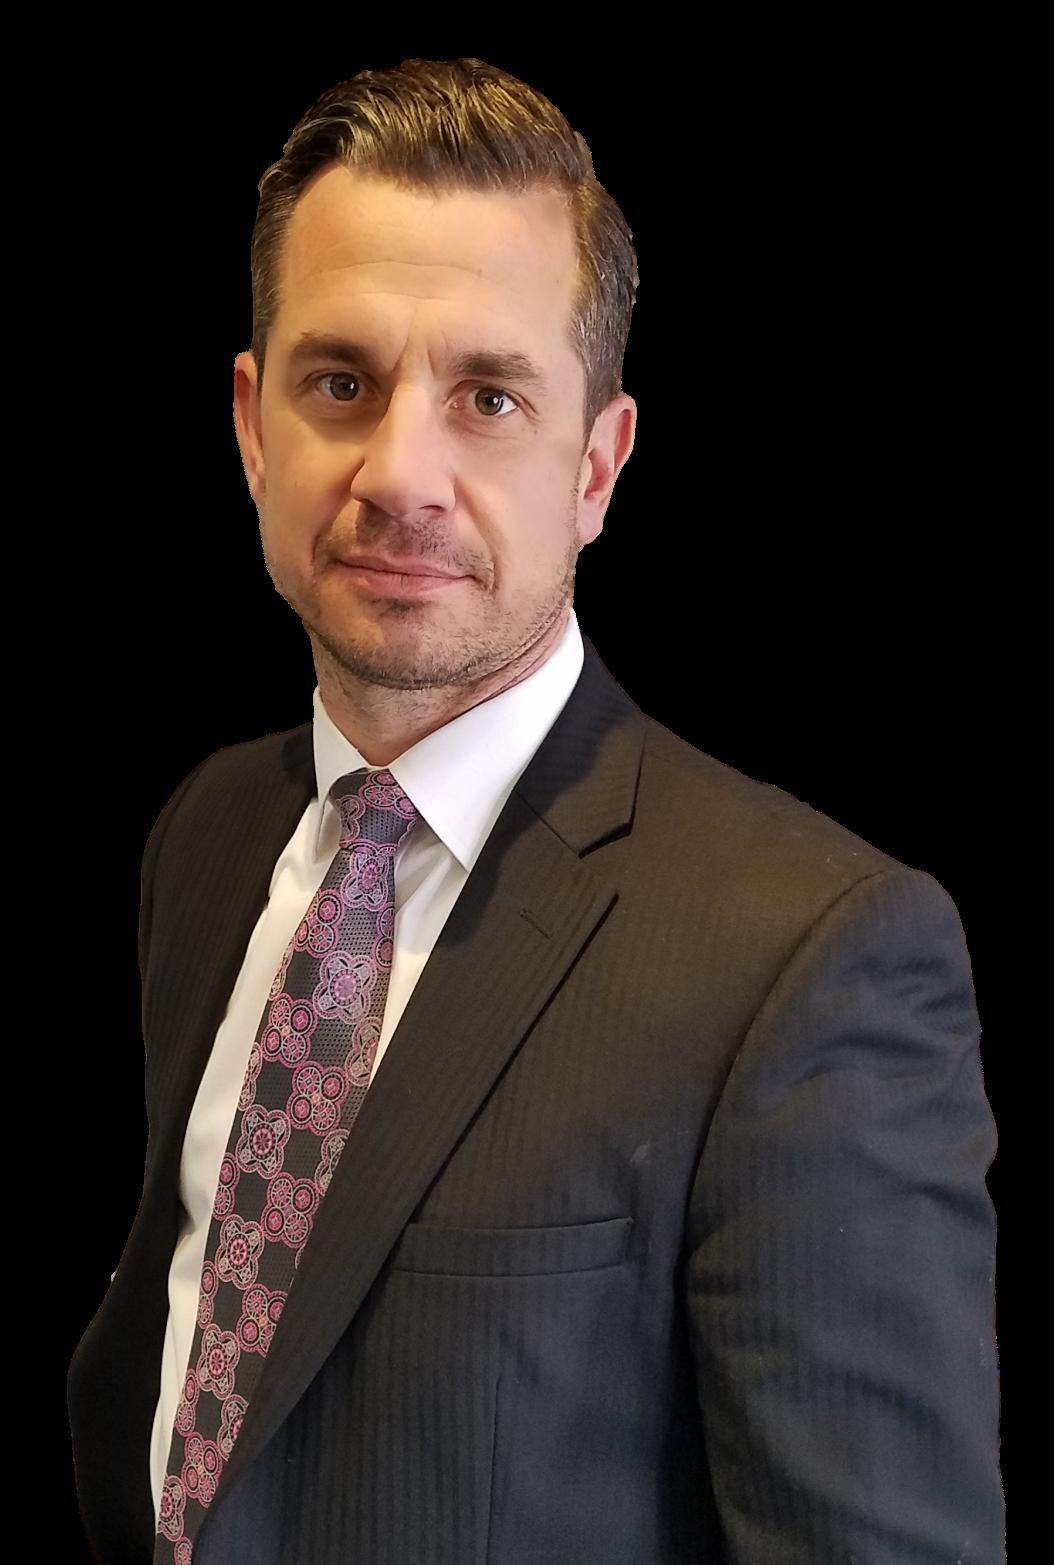 Attorney Phil Brecht